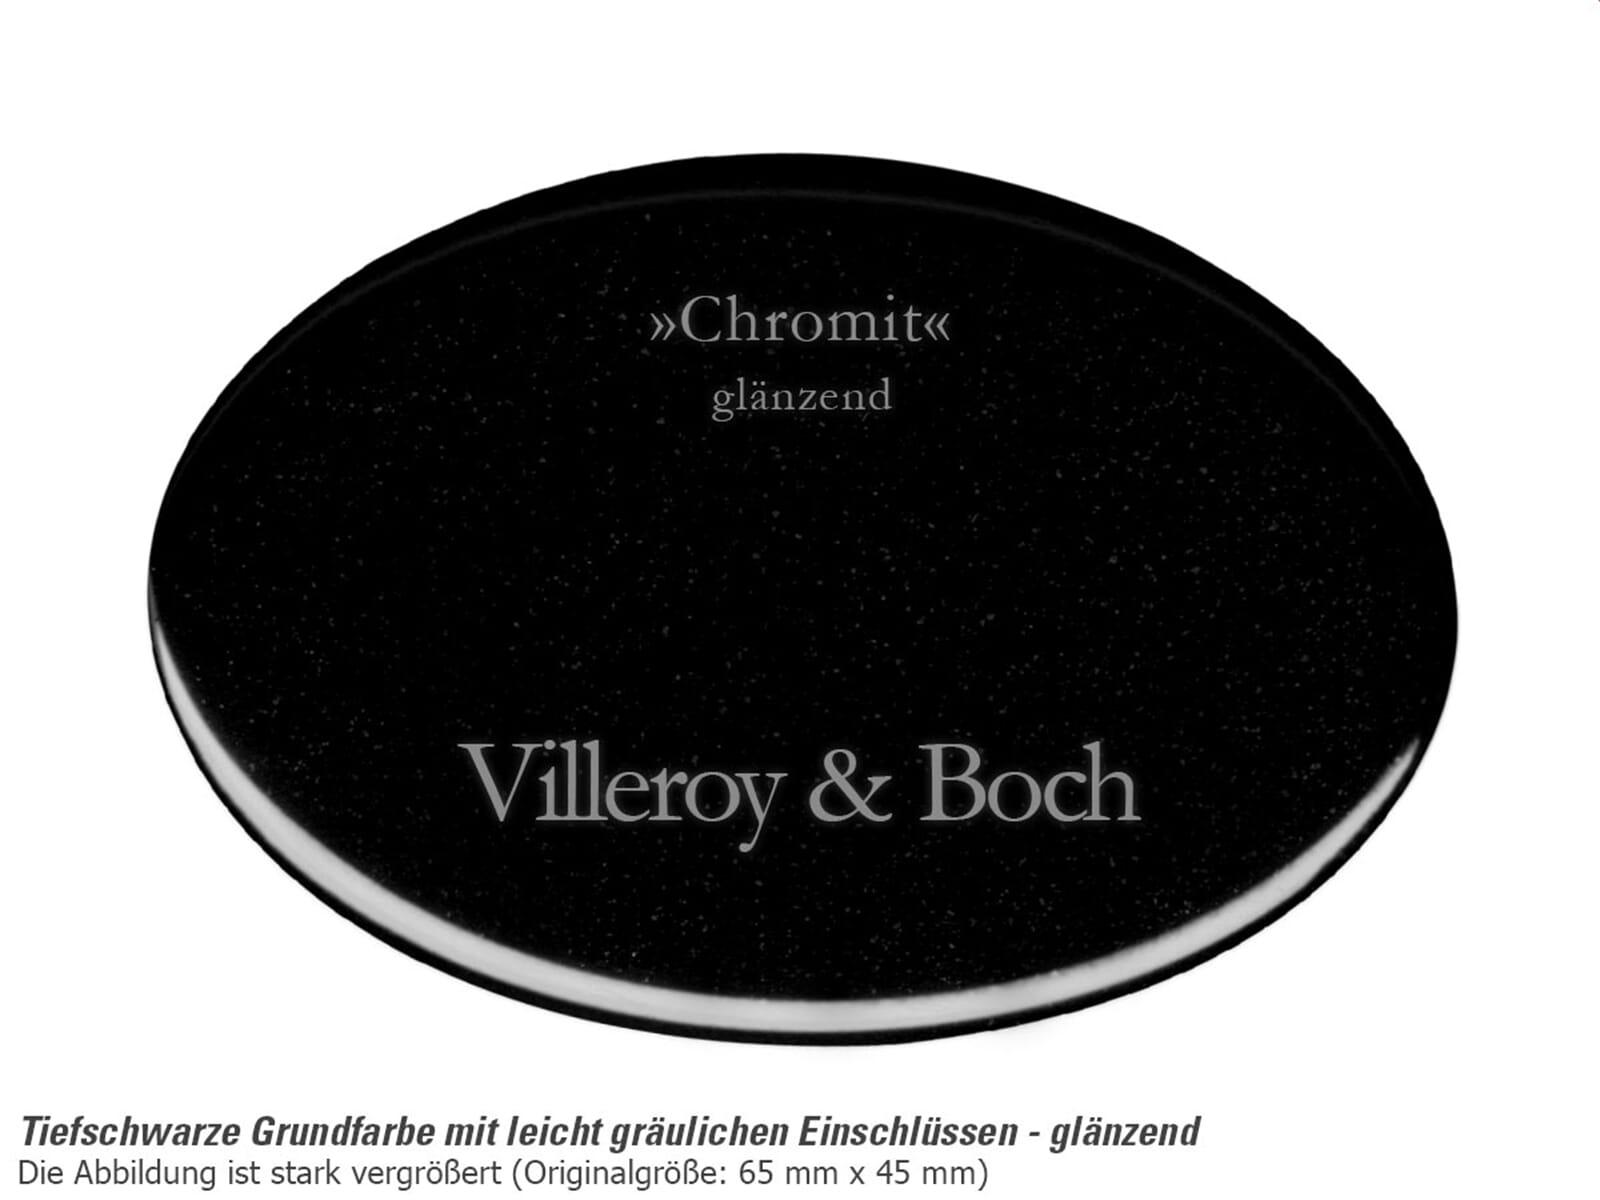 Villeroy & Boch Timeline 50 Chromit - 3307 01 J0 Keramikspüle Handbetätigung